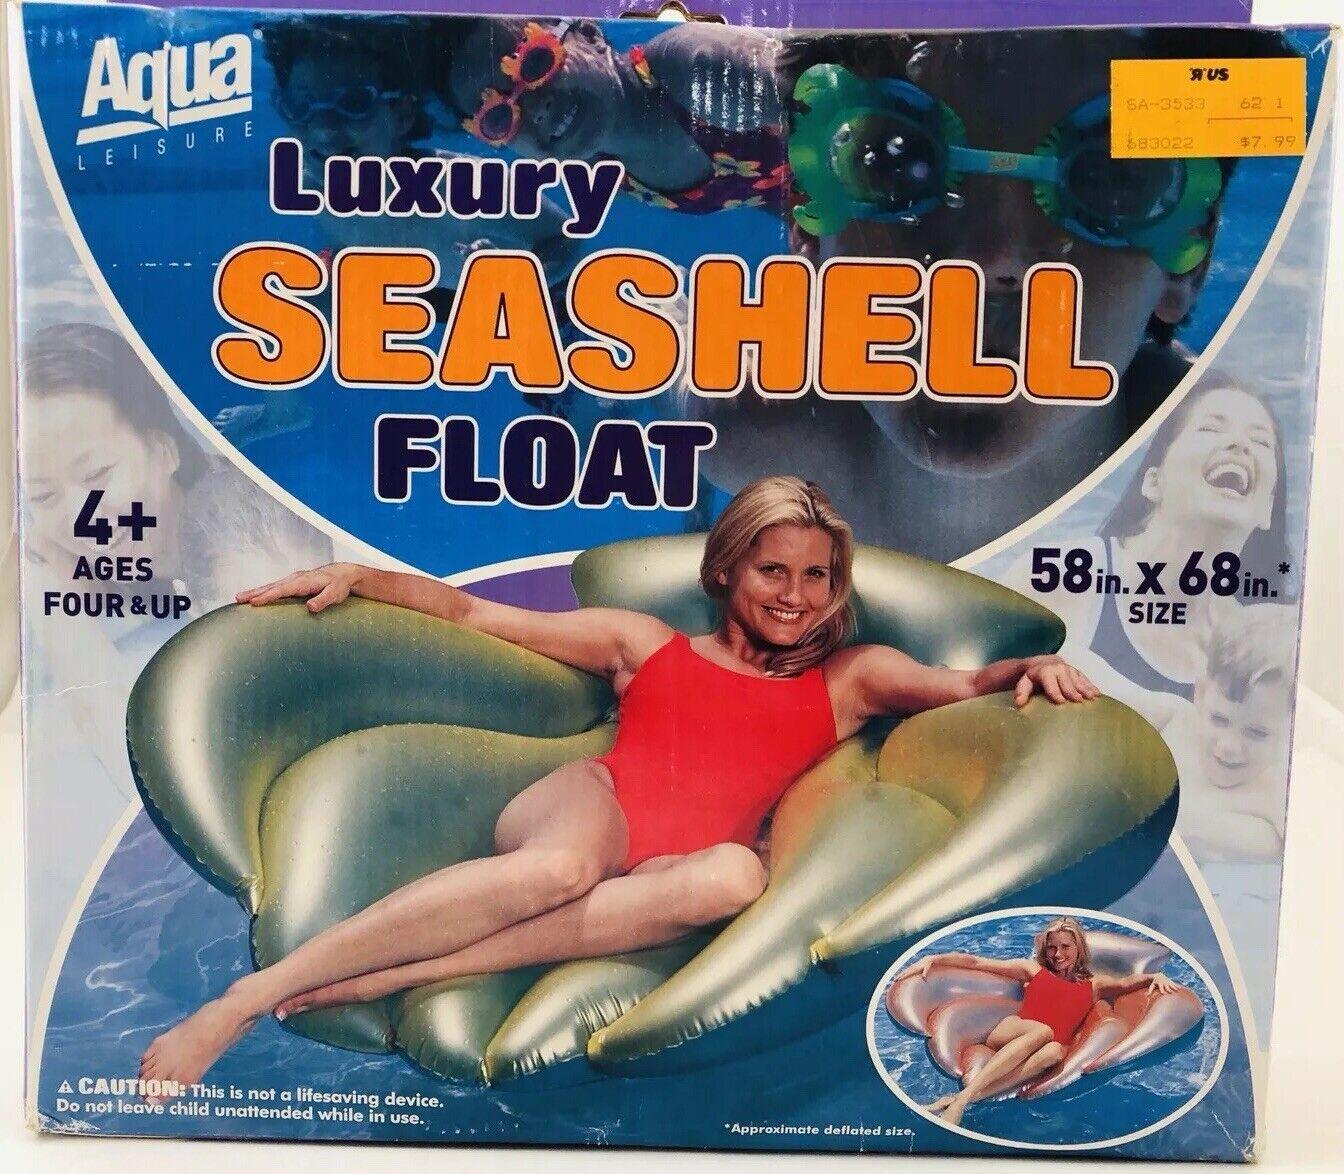 Nuevo Y RARA  de Colección Aqua Leisure Seashell Flotador, Coral